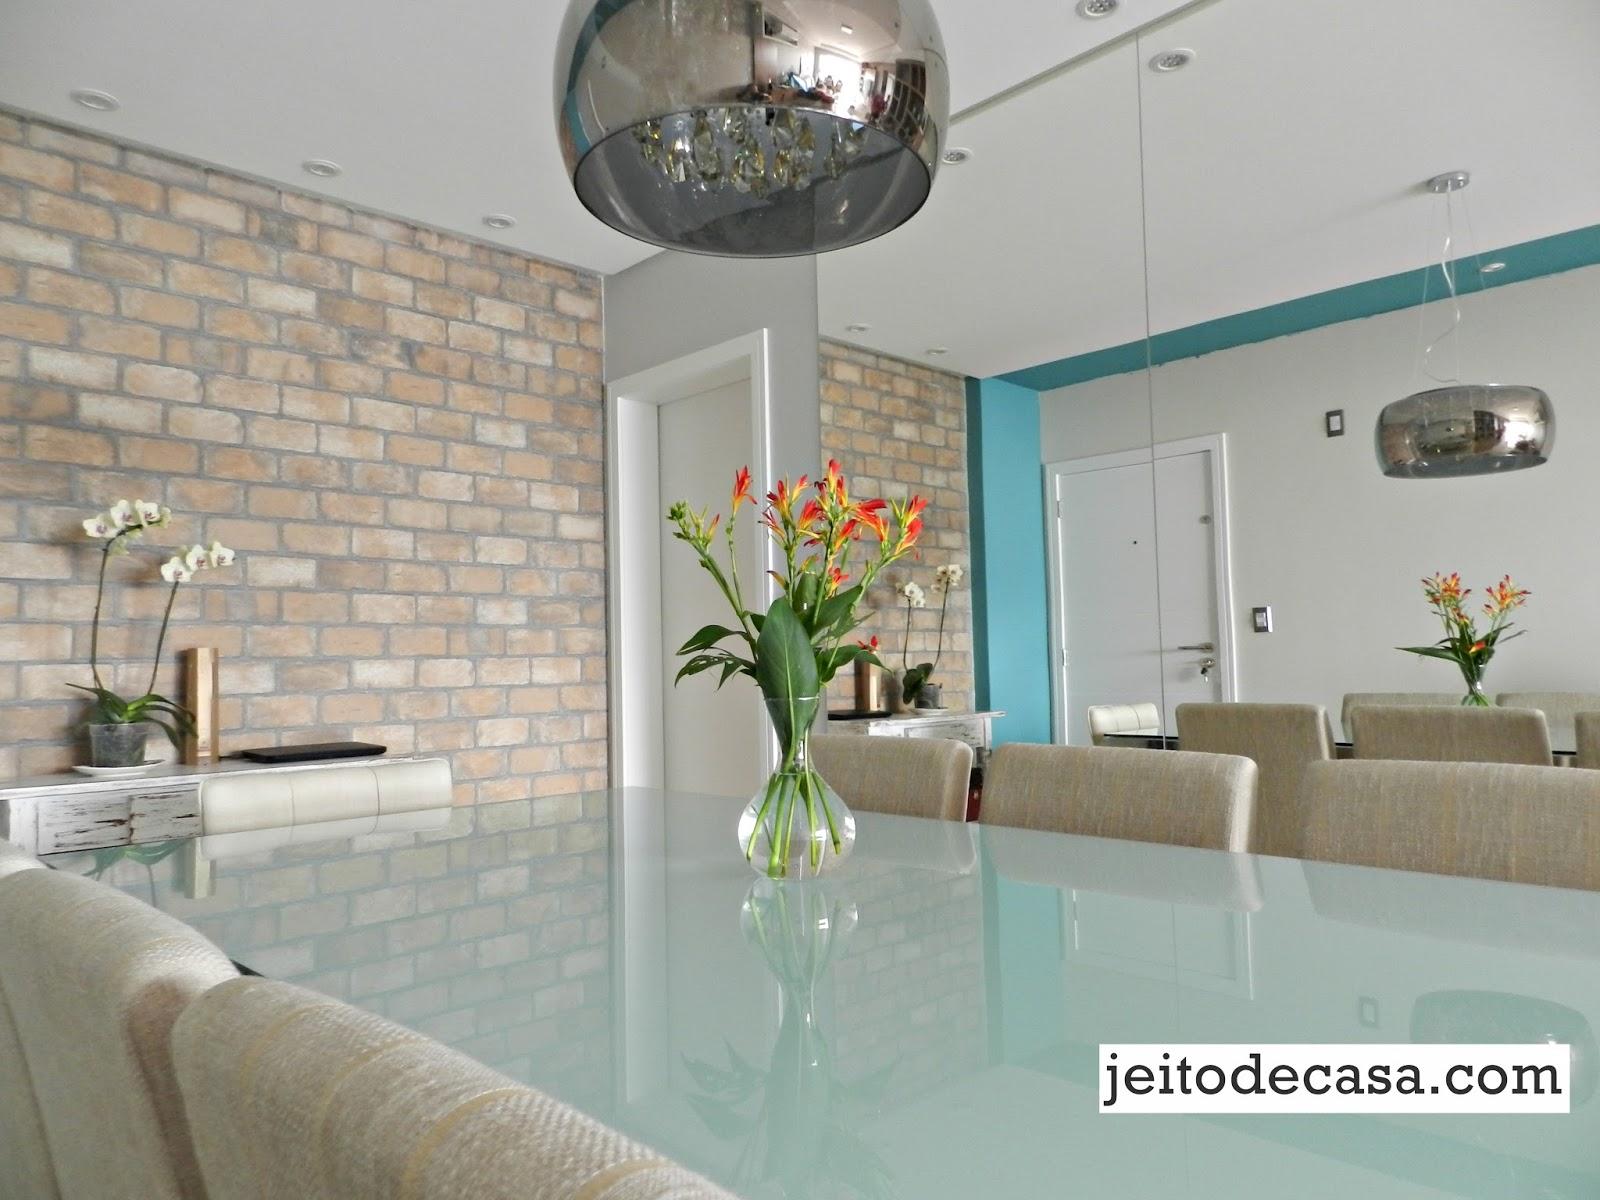 Armario Itatiaia Magazine Luiza ~ Decoraç u00e3o 10 salas de jantar com espelhos! Jeito de Casa Blog de Decoraç u00e3o e Arquitetura